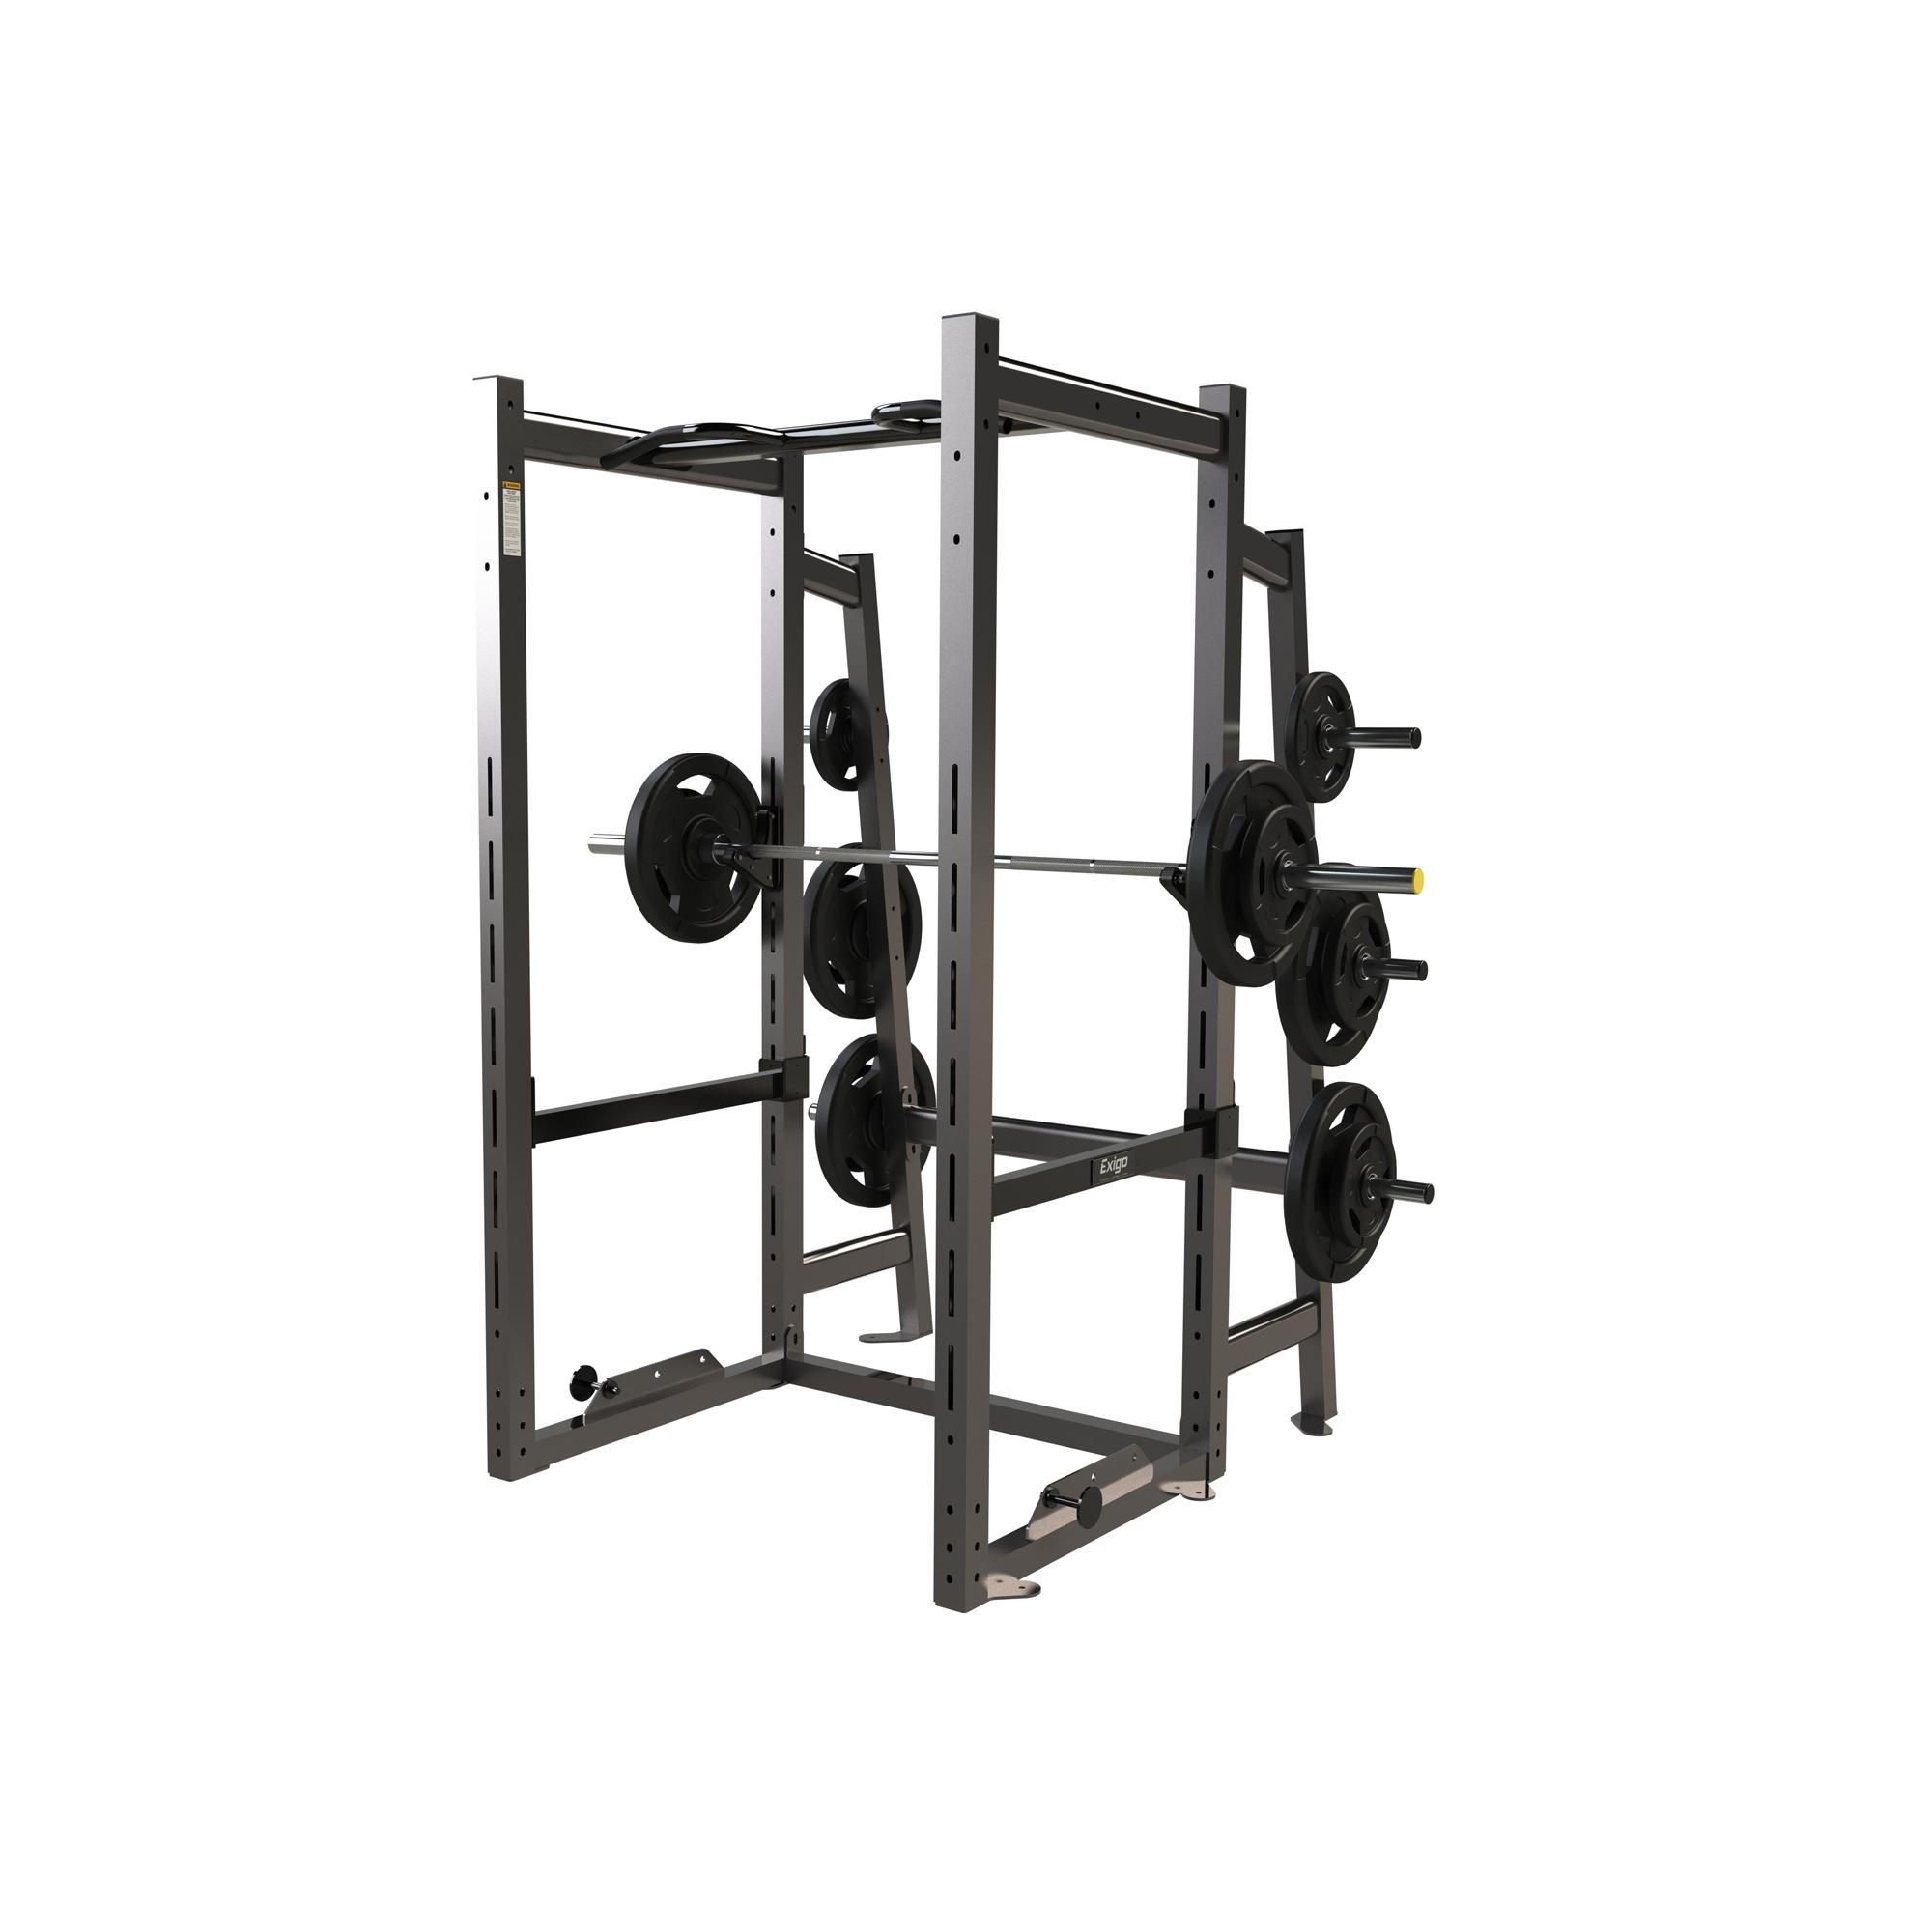 Exigo Pro Power Rack System Physical Company Ltd